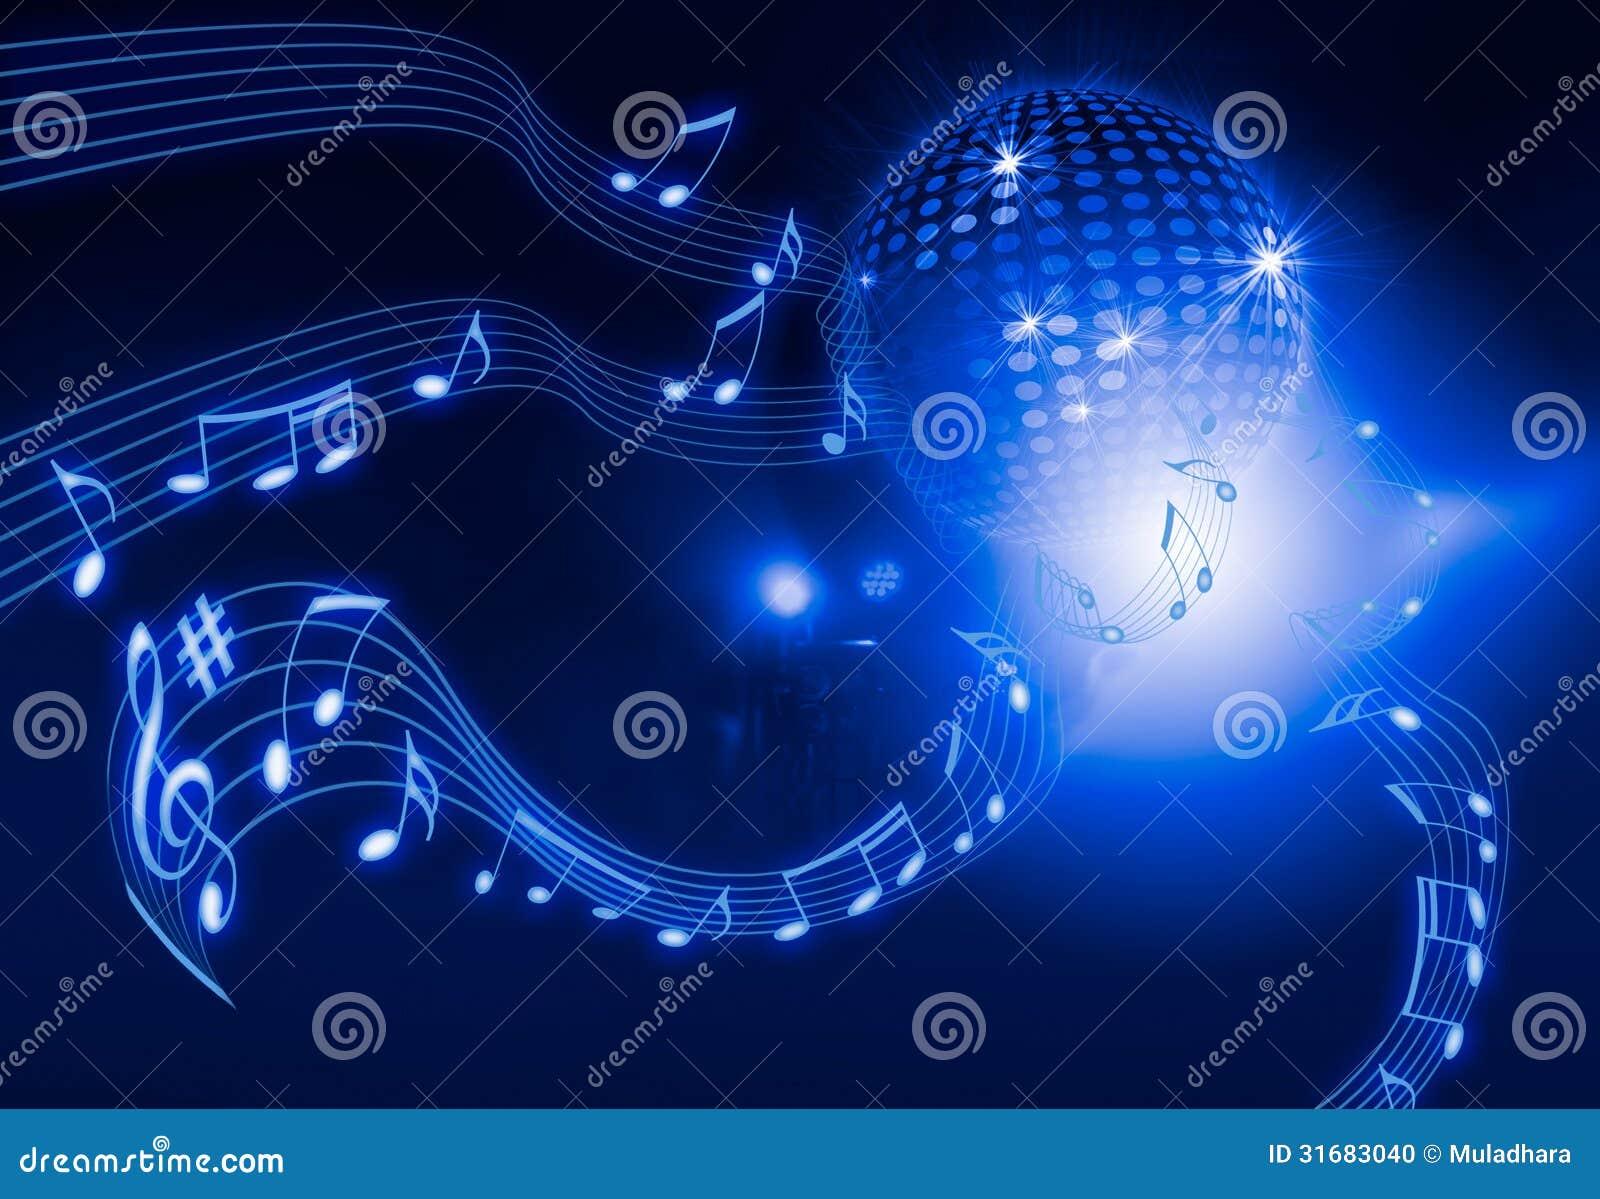 Bola de discoteca en fondo azul stock de ilustraci n - Bola de discoteca de colores ...